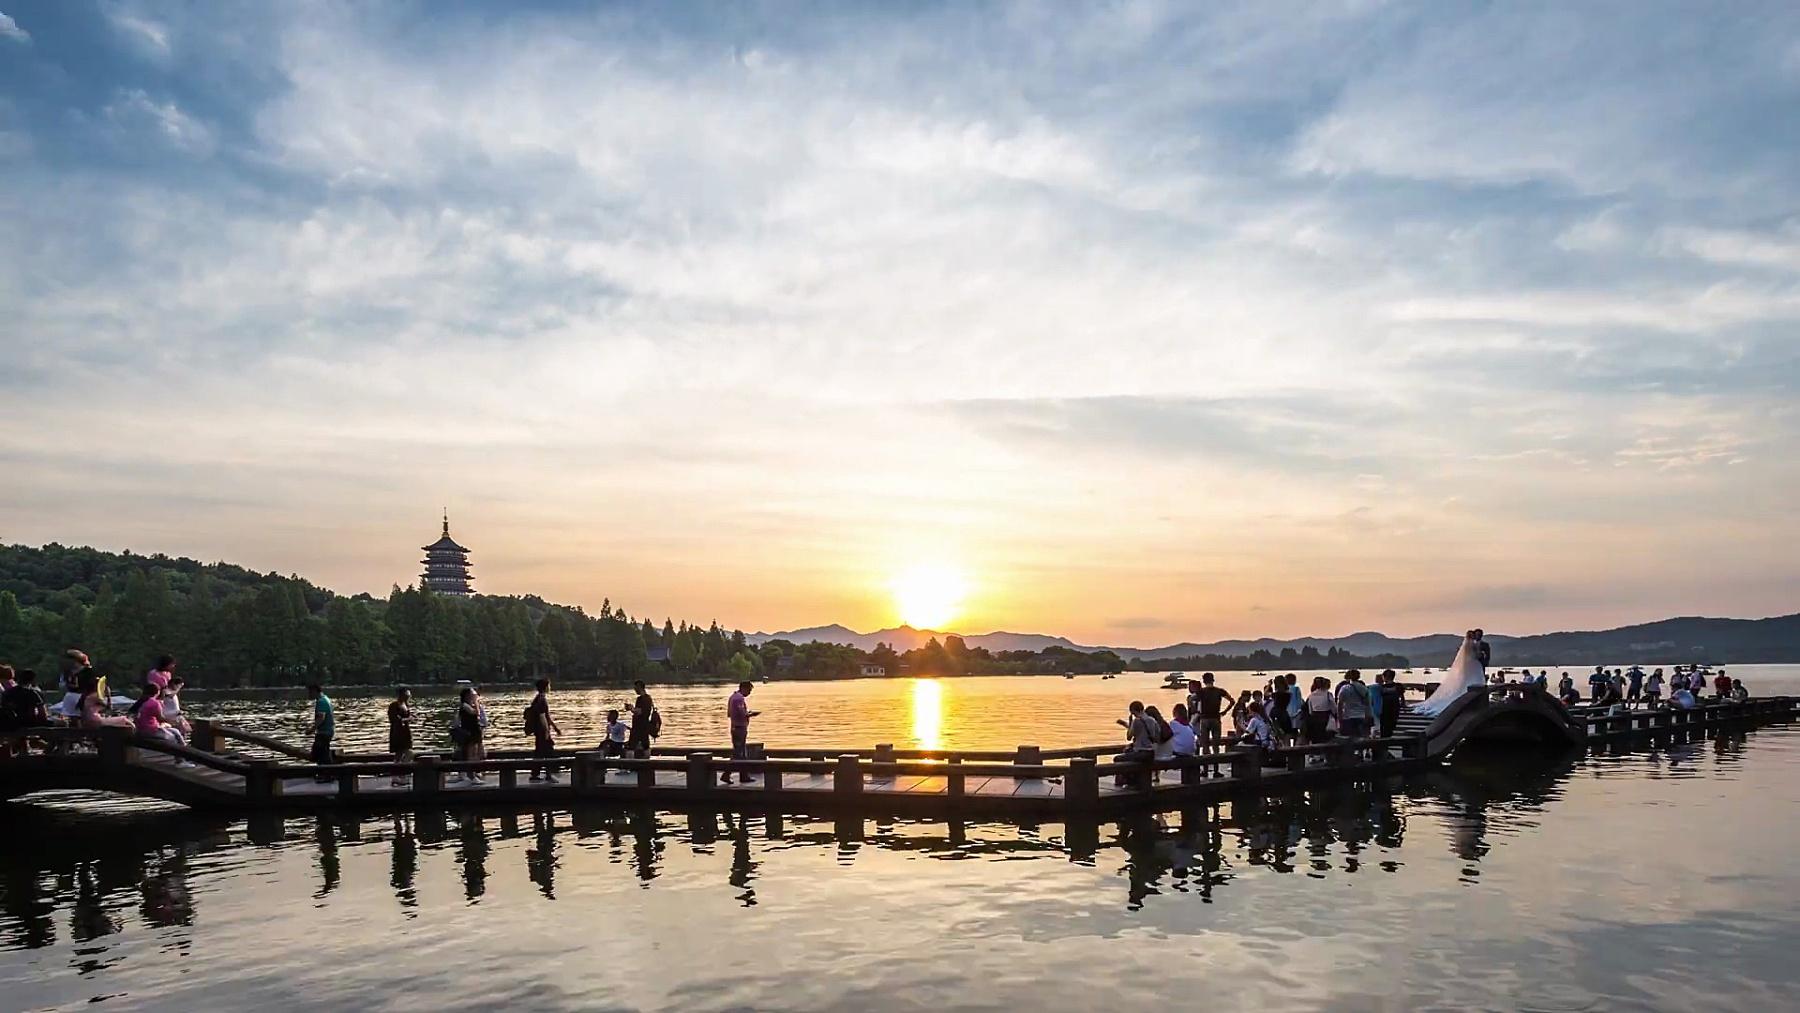 日落时湖上的风人行天桥在云天中时间的流逝